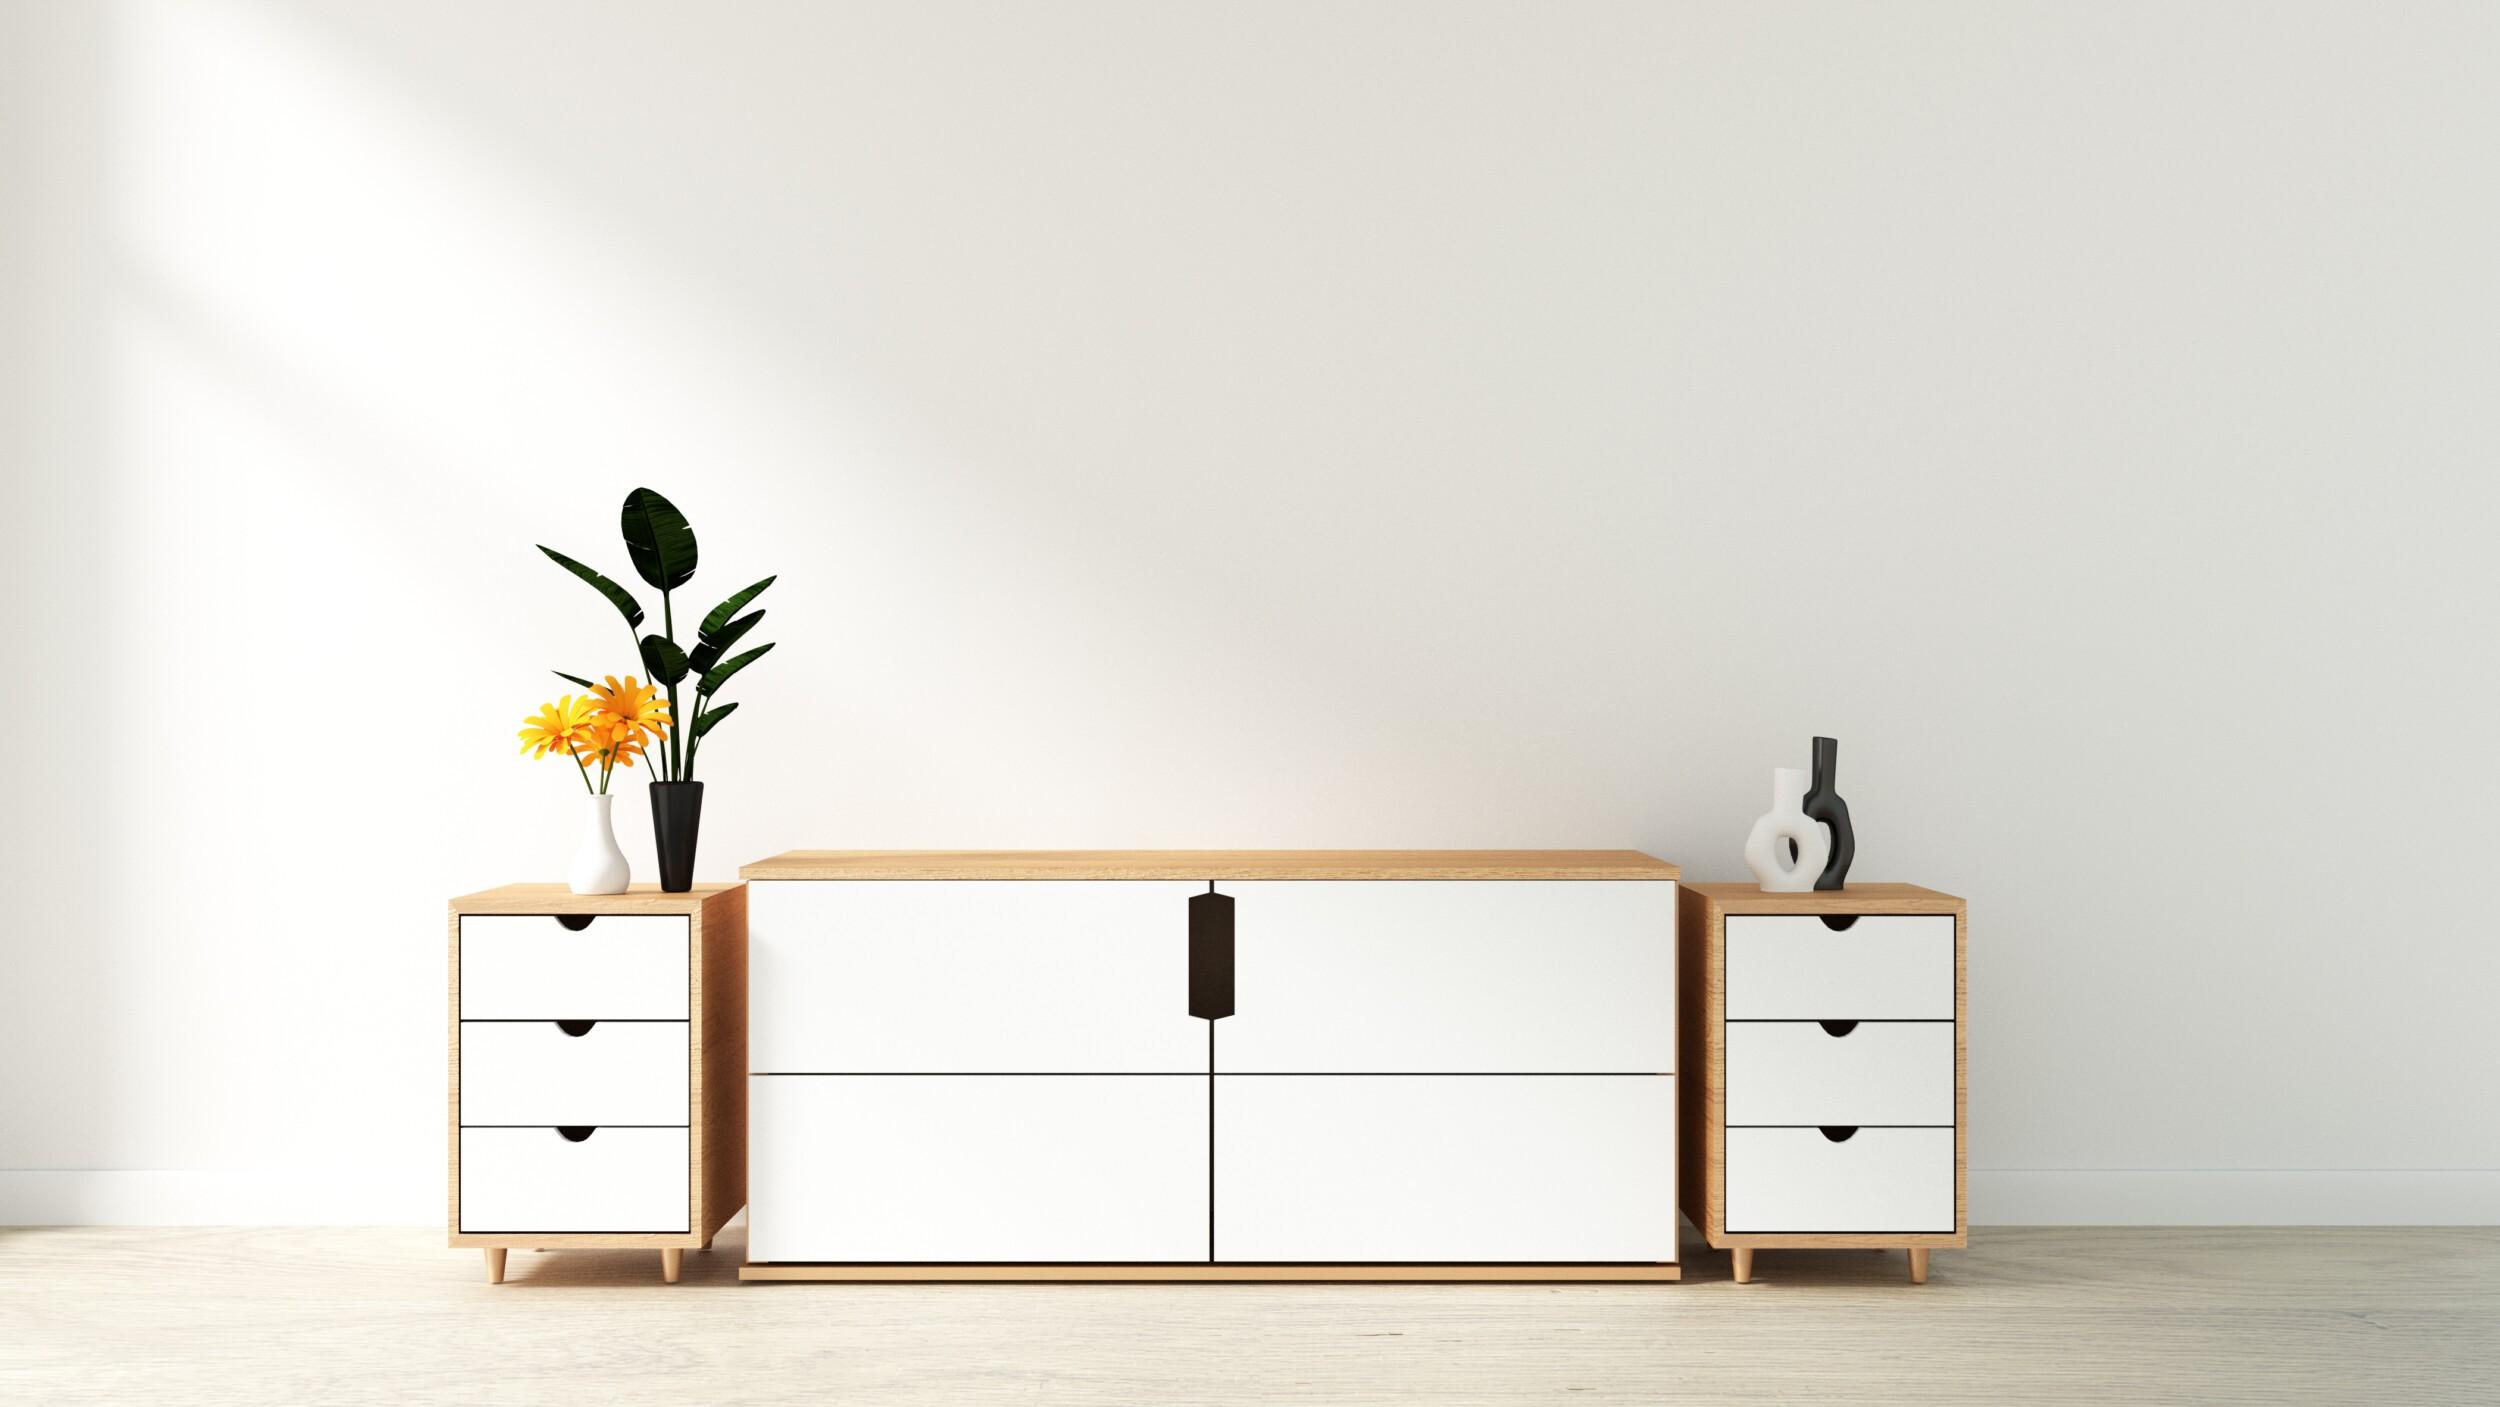 Tv cabinet in modern empty room Japanese - zen style